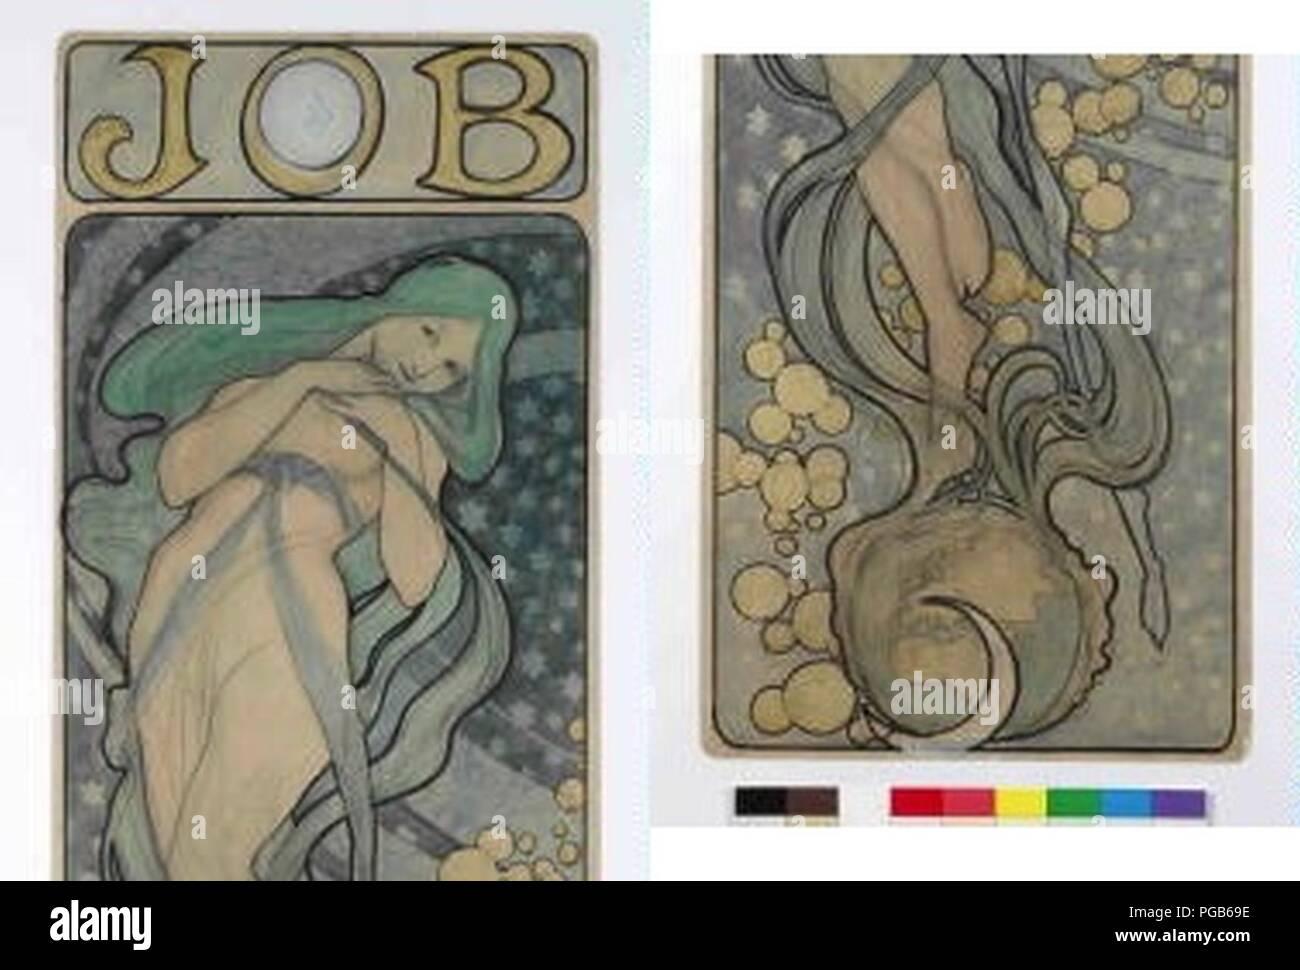 Autor Alfons Mucha 24.7.1860-14.7.1939 - Navrh na plakat JOB. Stock Photo